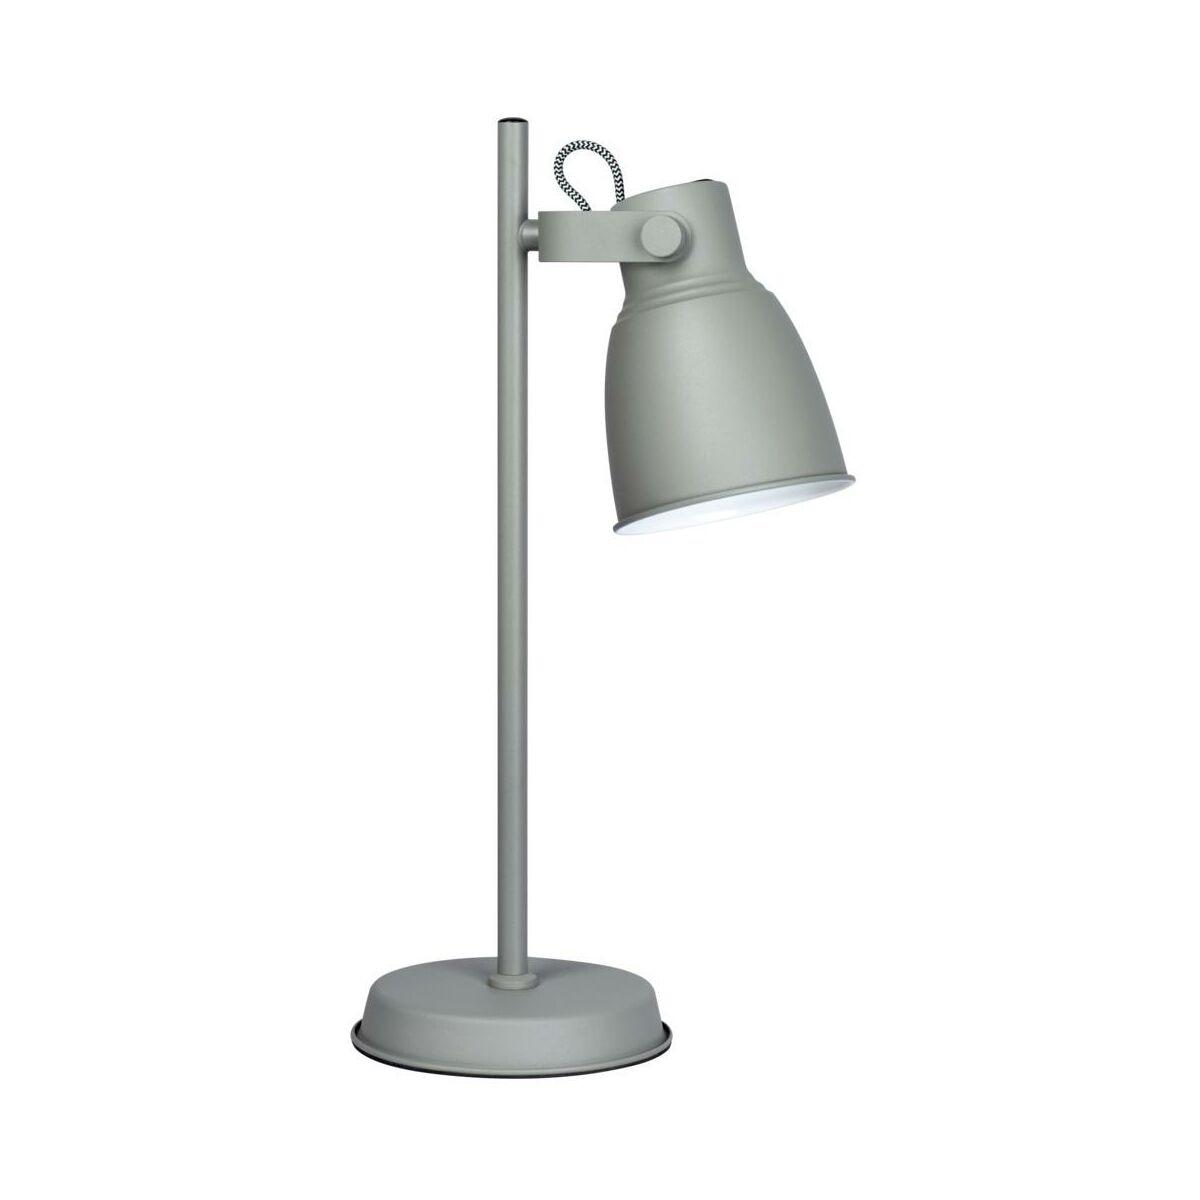 Lampka Biurkowa Lili Czarna Led Activejet Lampki Biurkowe I Klipsy W Atrakcyjnej Cenie W Sklepach Leroy Merlin